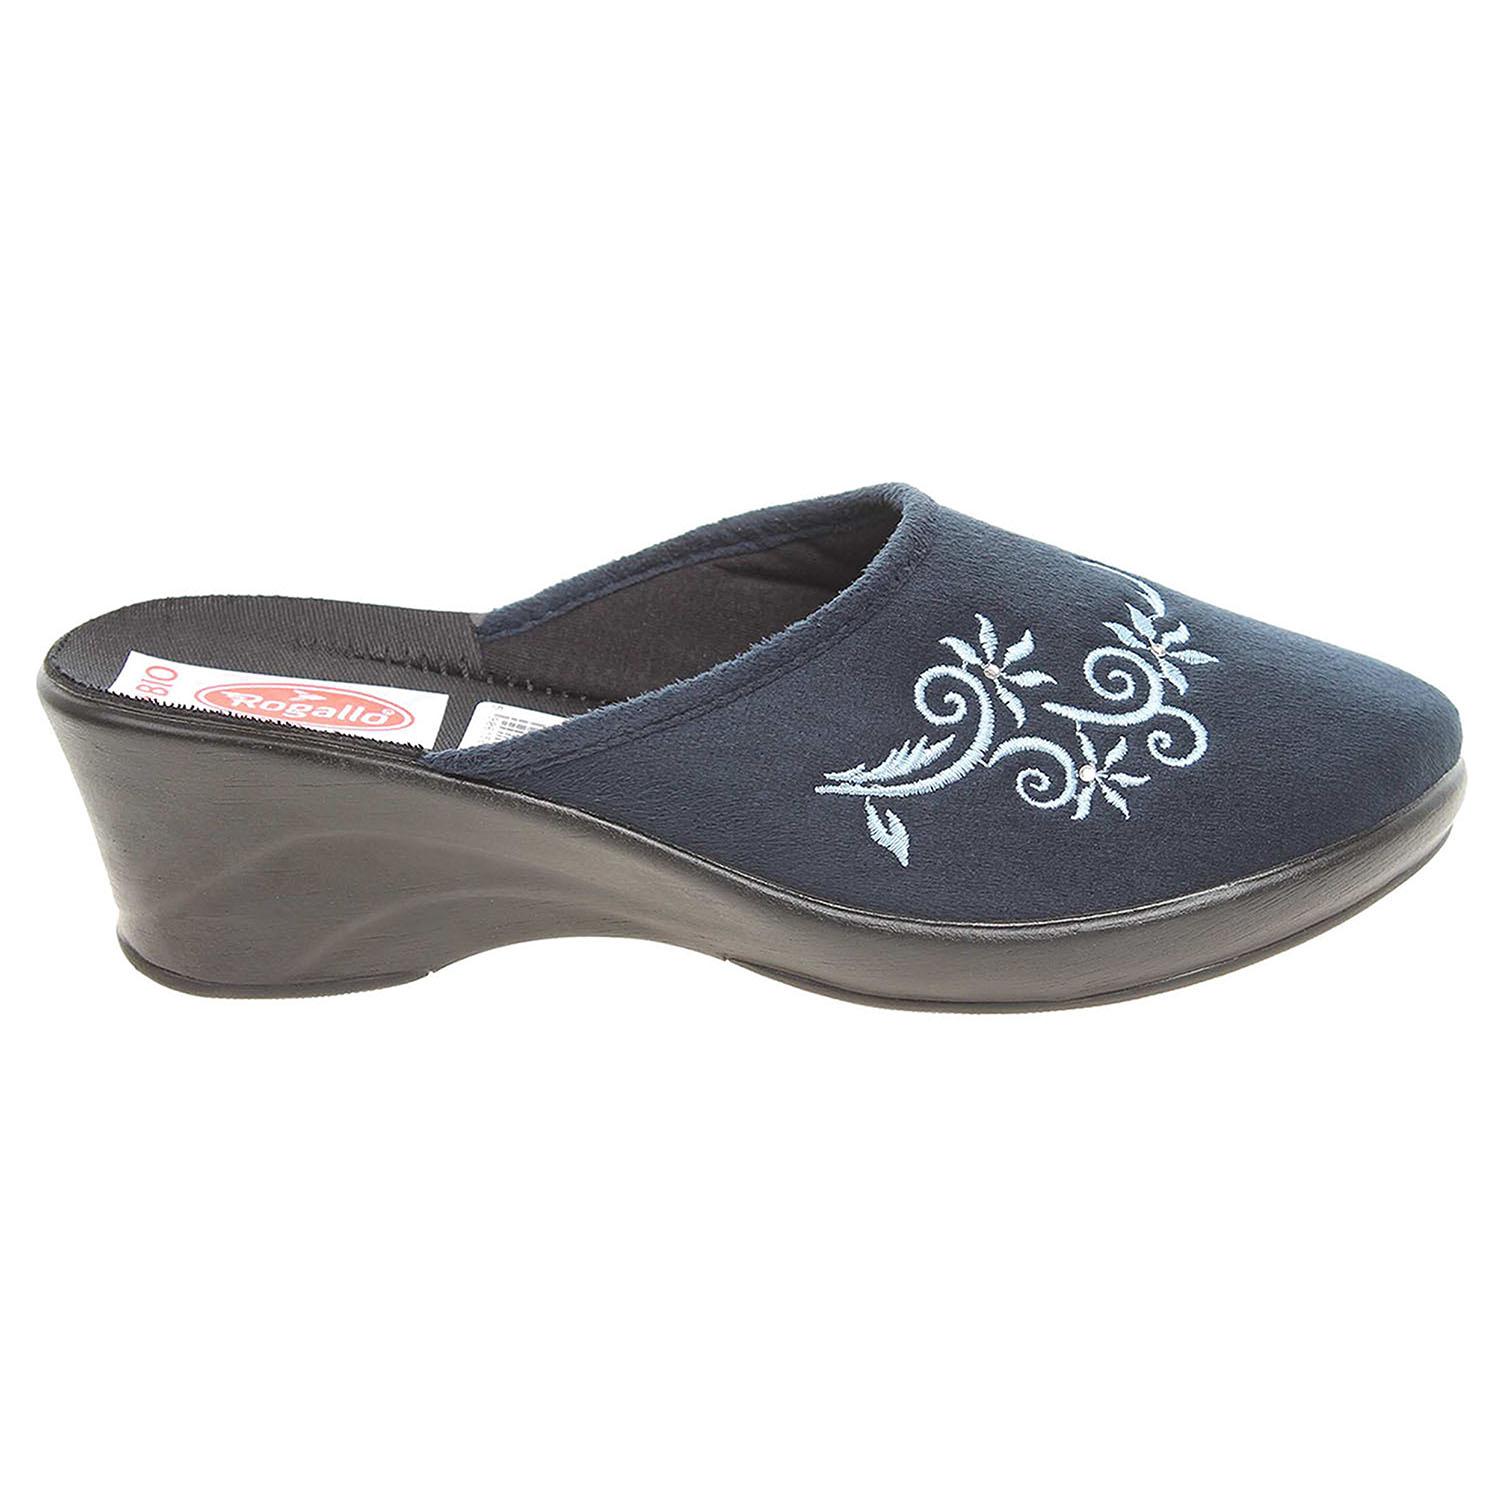 Ecco Rogallo domácí pantofle 21049 modré 23500444